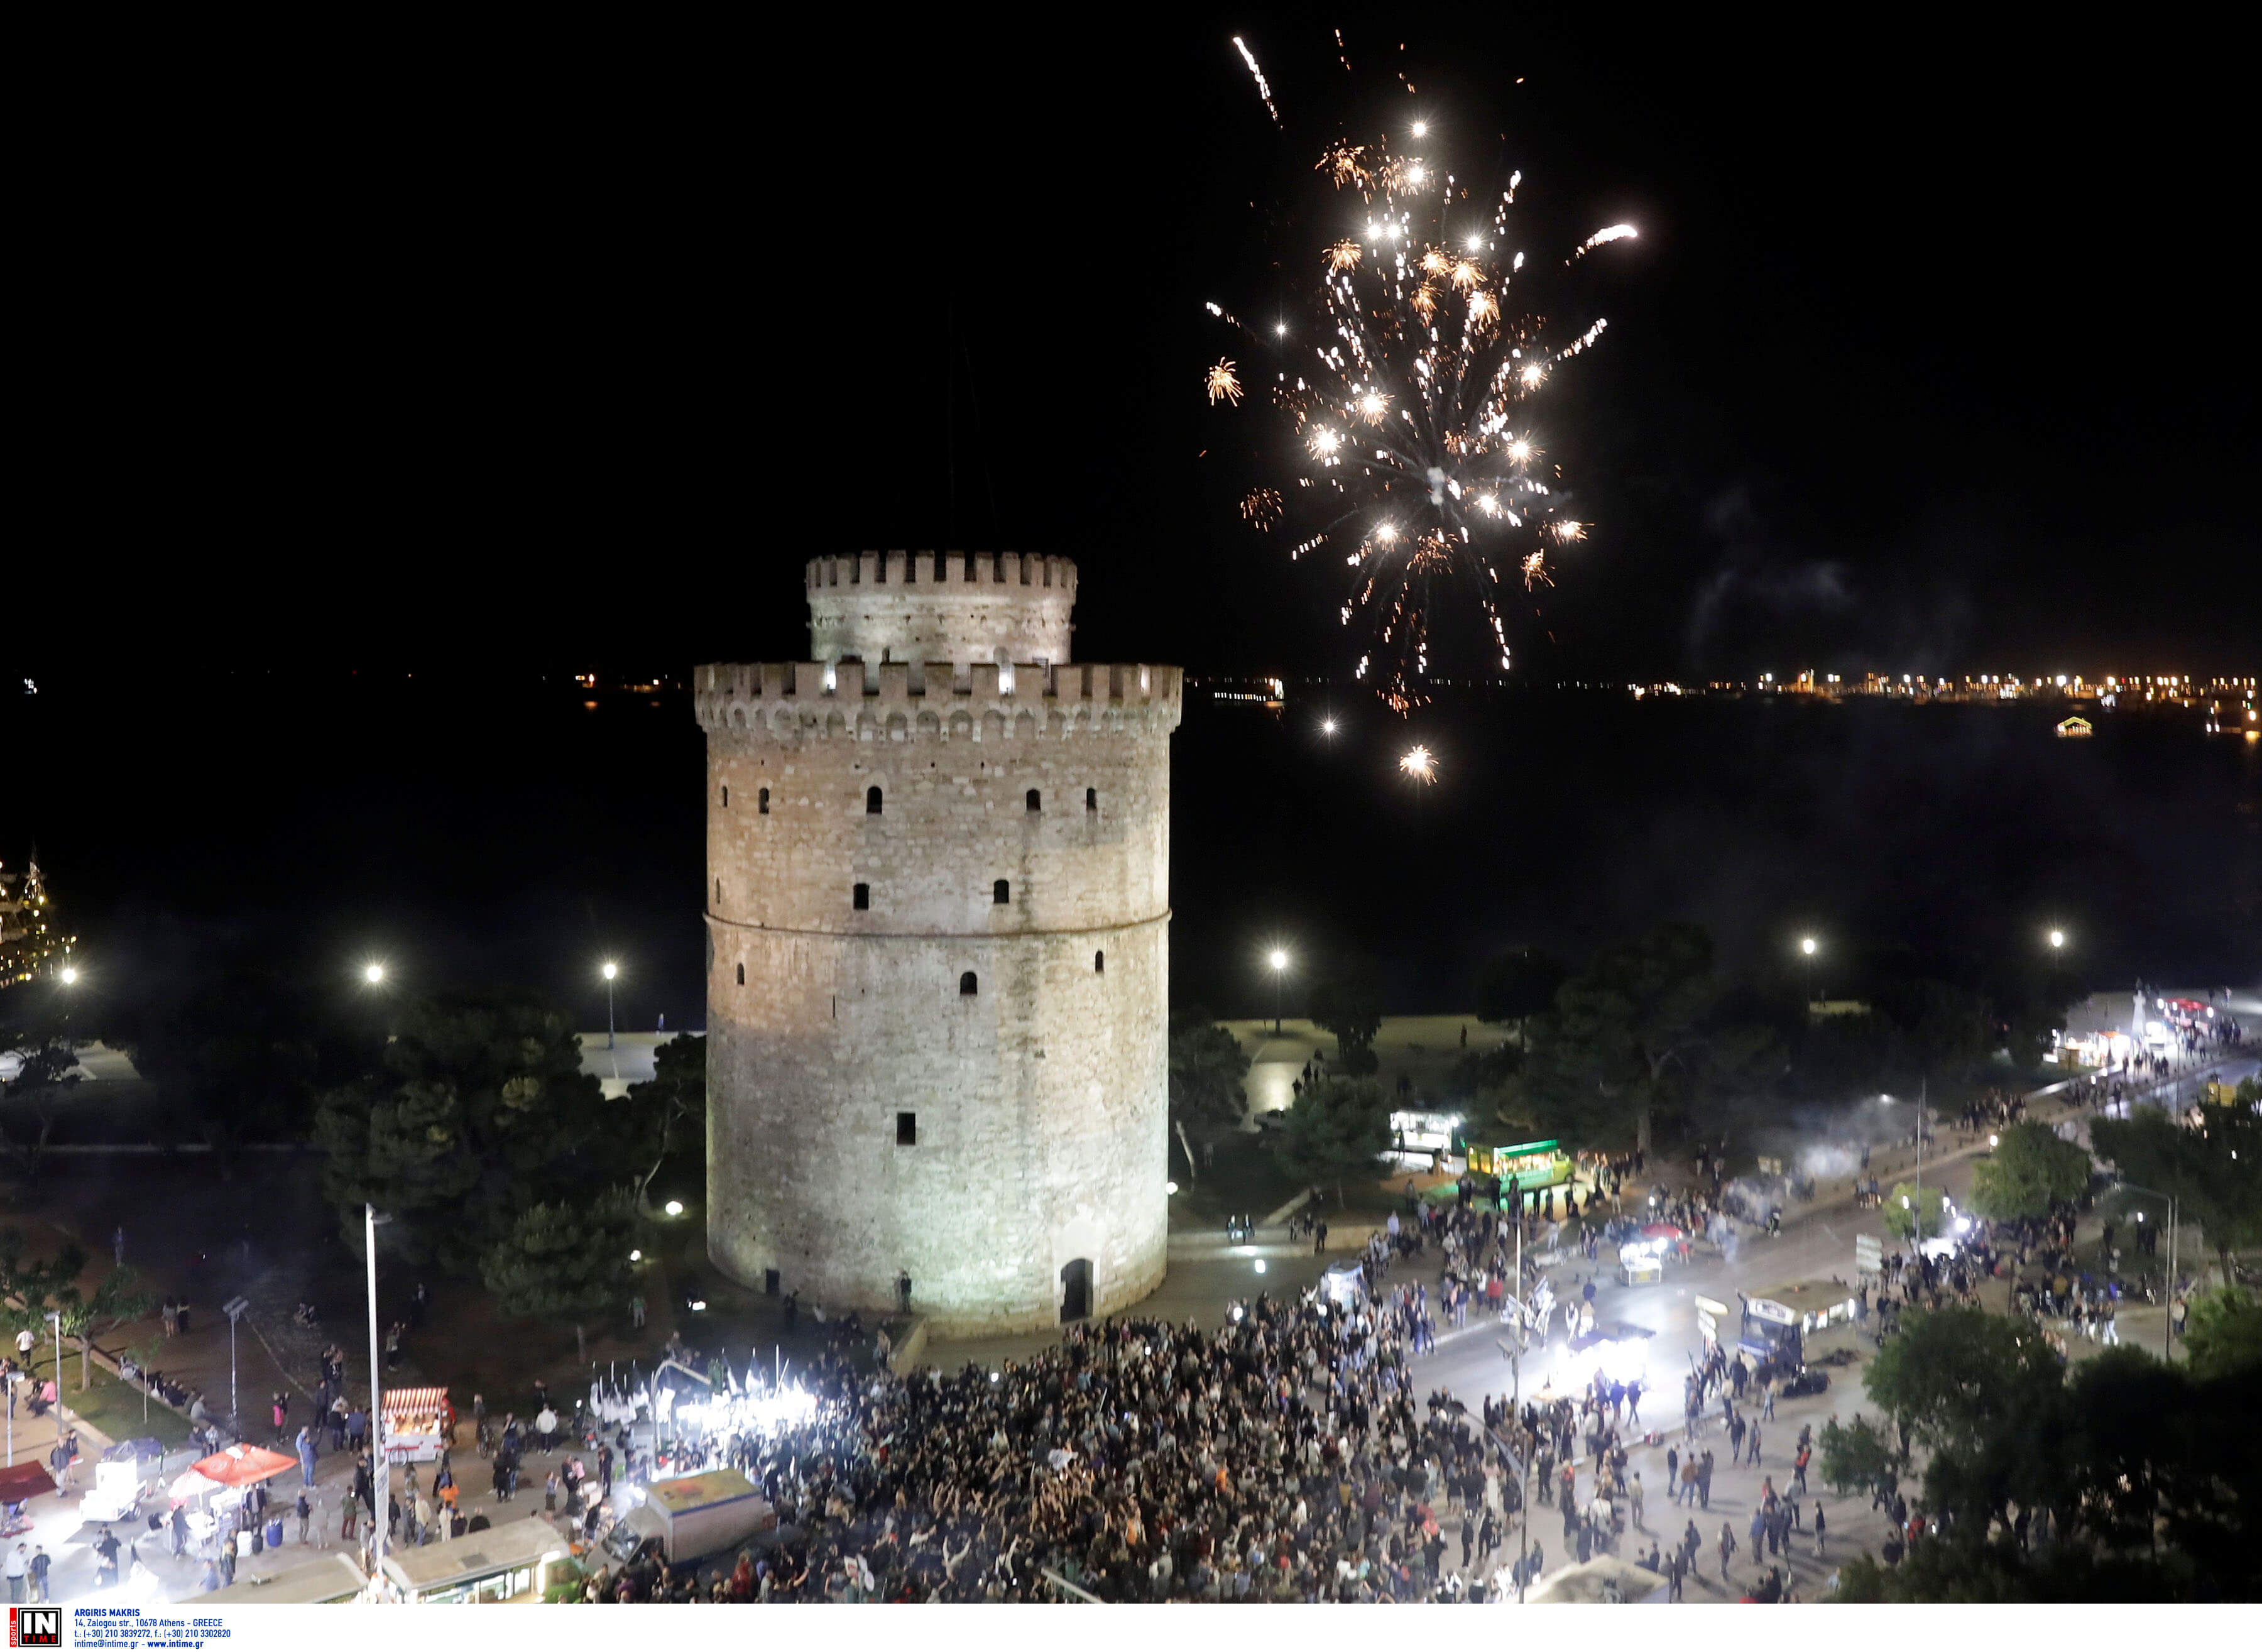 Τελικός Κυπέλλου Ελλάδας – ΠΑΟΚ: Βγήκαν και πάλι στο Λευκό Πύργο! Video, pics